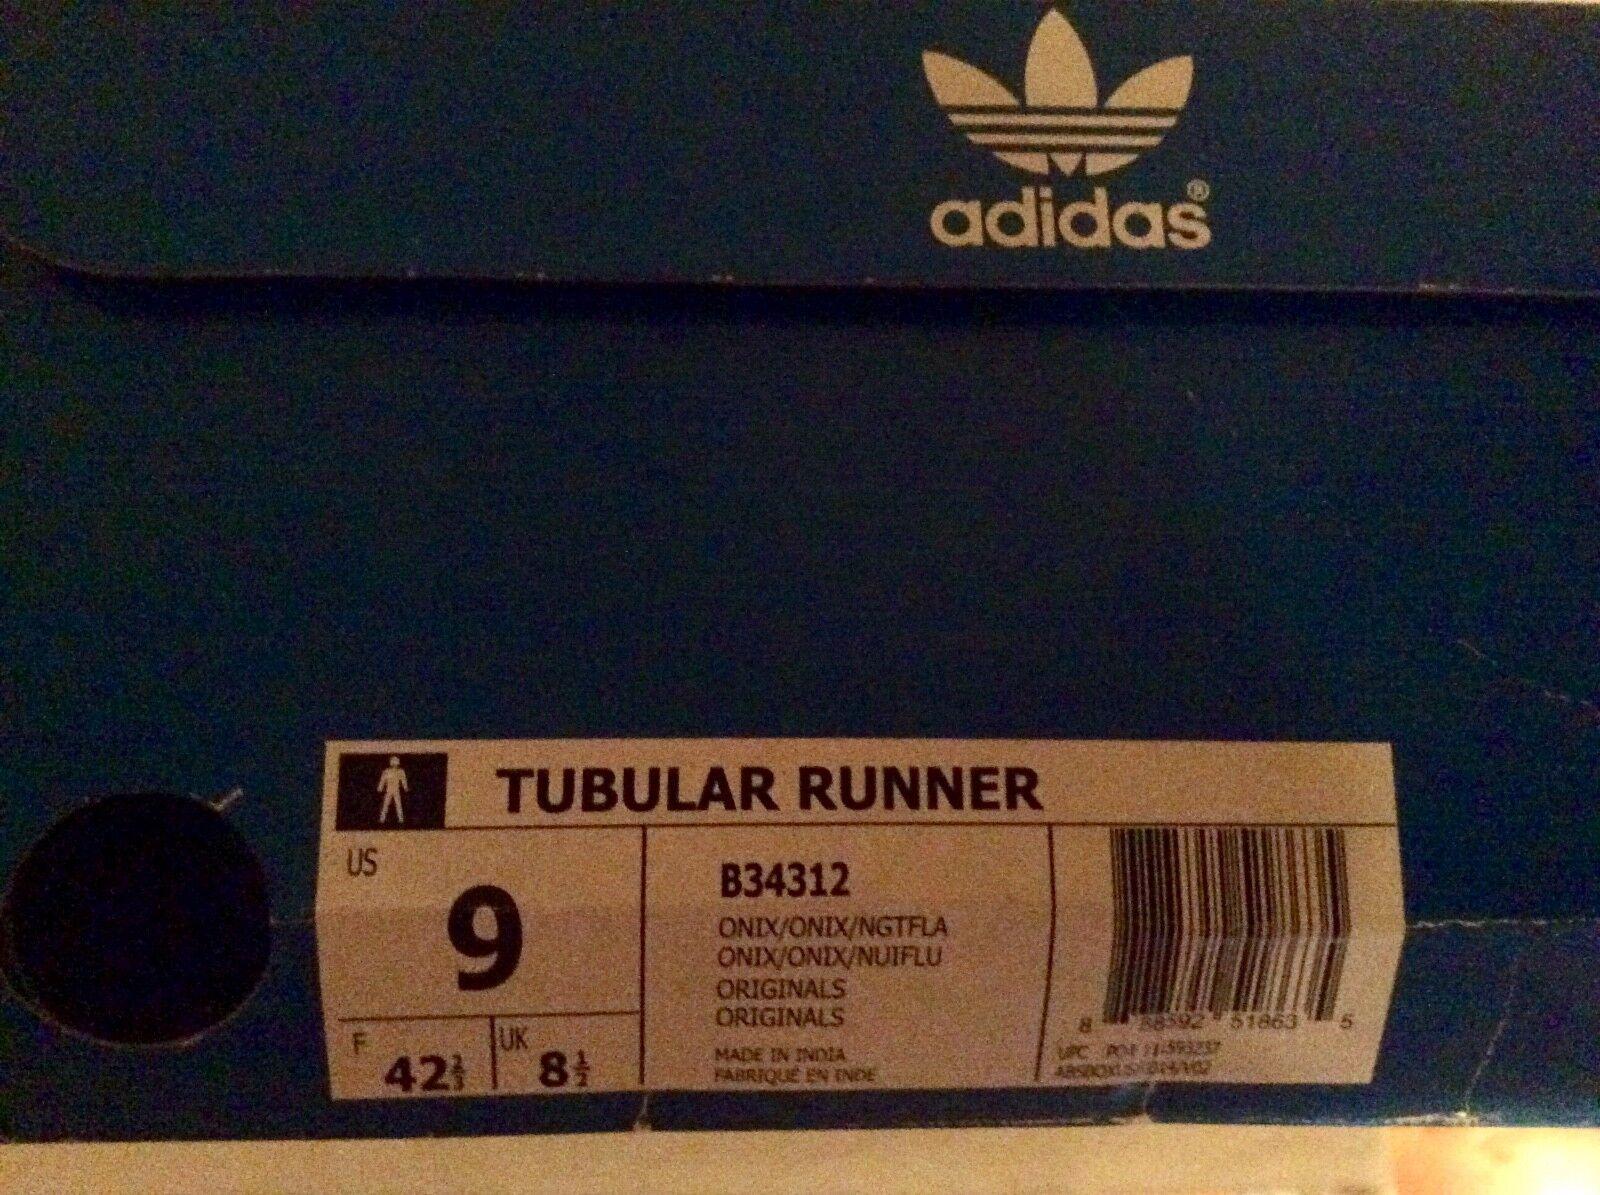 männer adidas grauen läufer, tubuläre läufer, grauen größe 9. f7051b